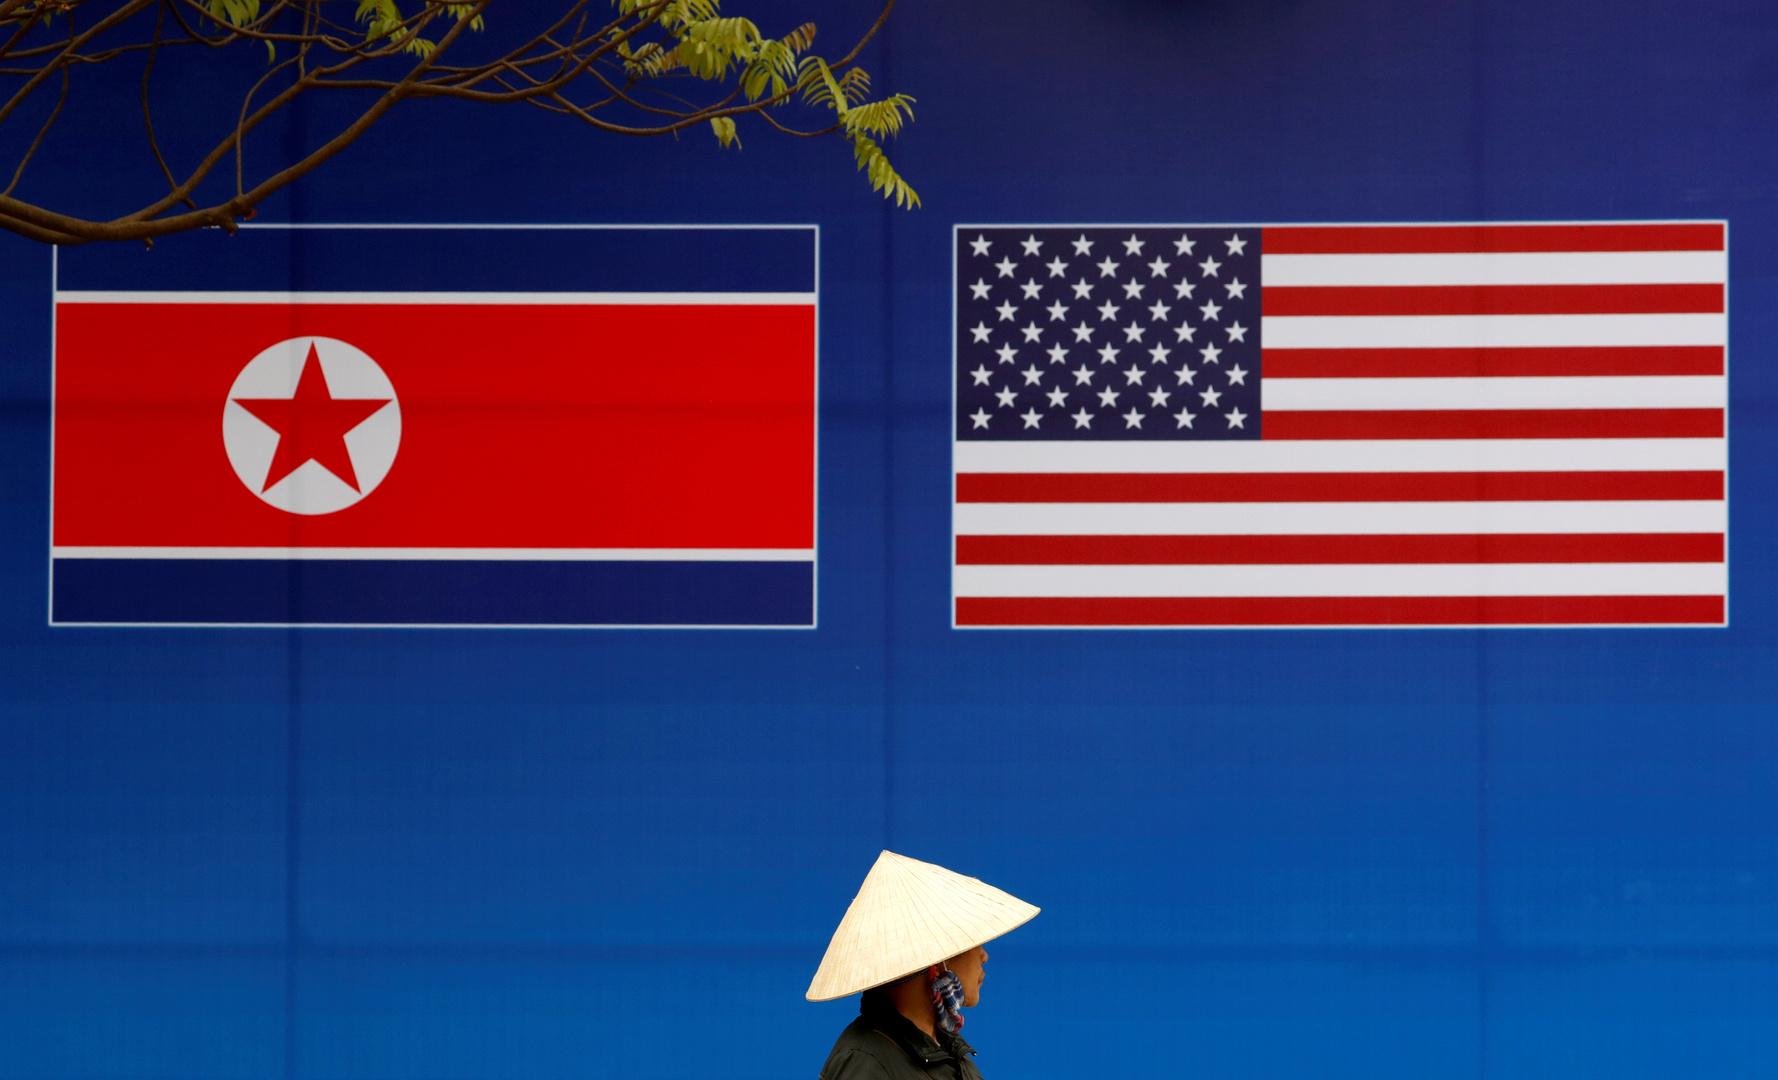 العلم الكوري الشمالي والعلم الأمريكي